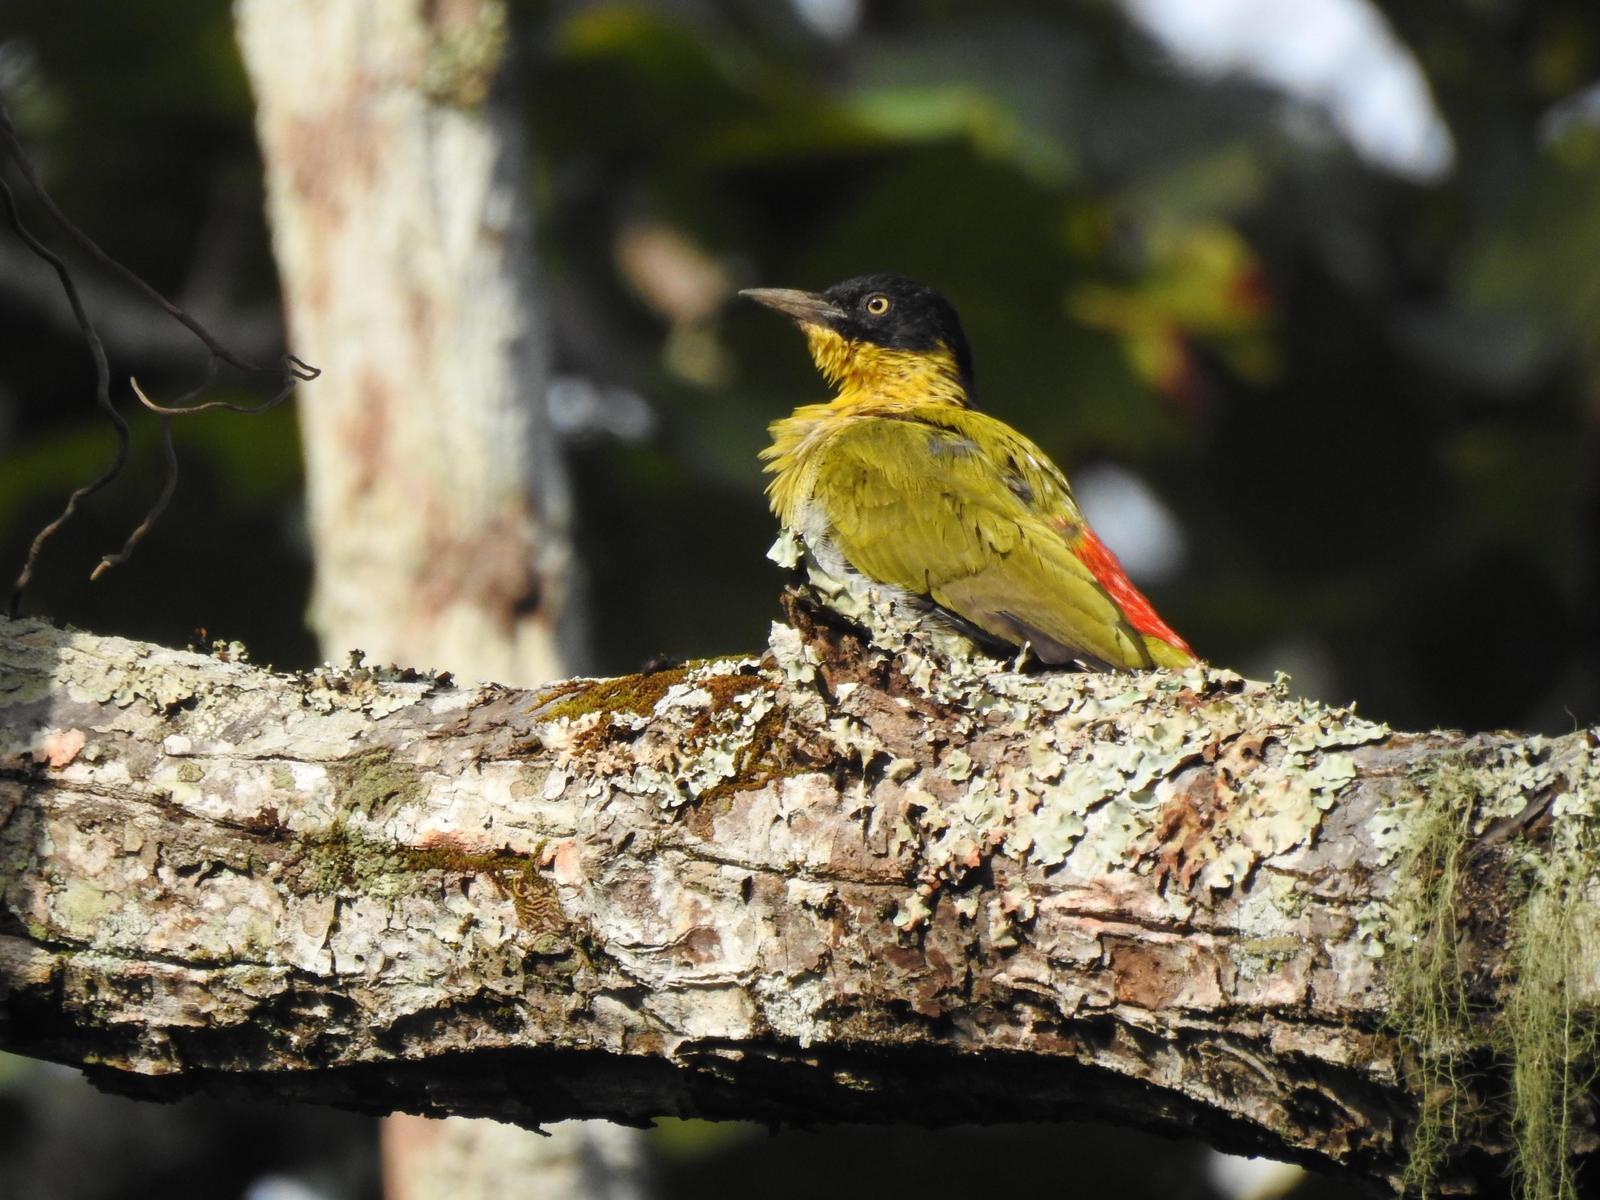 Black-headed Woodpecker Photo by Daniel Case